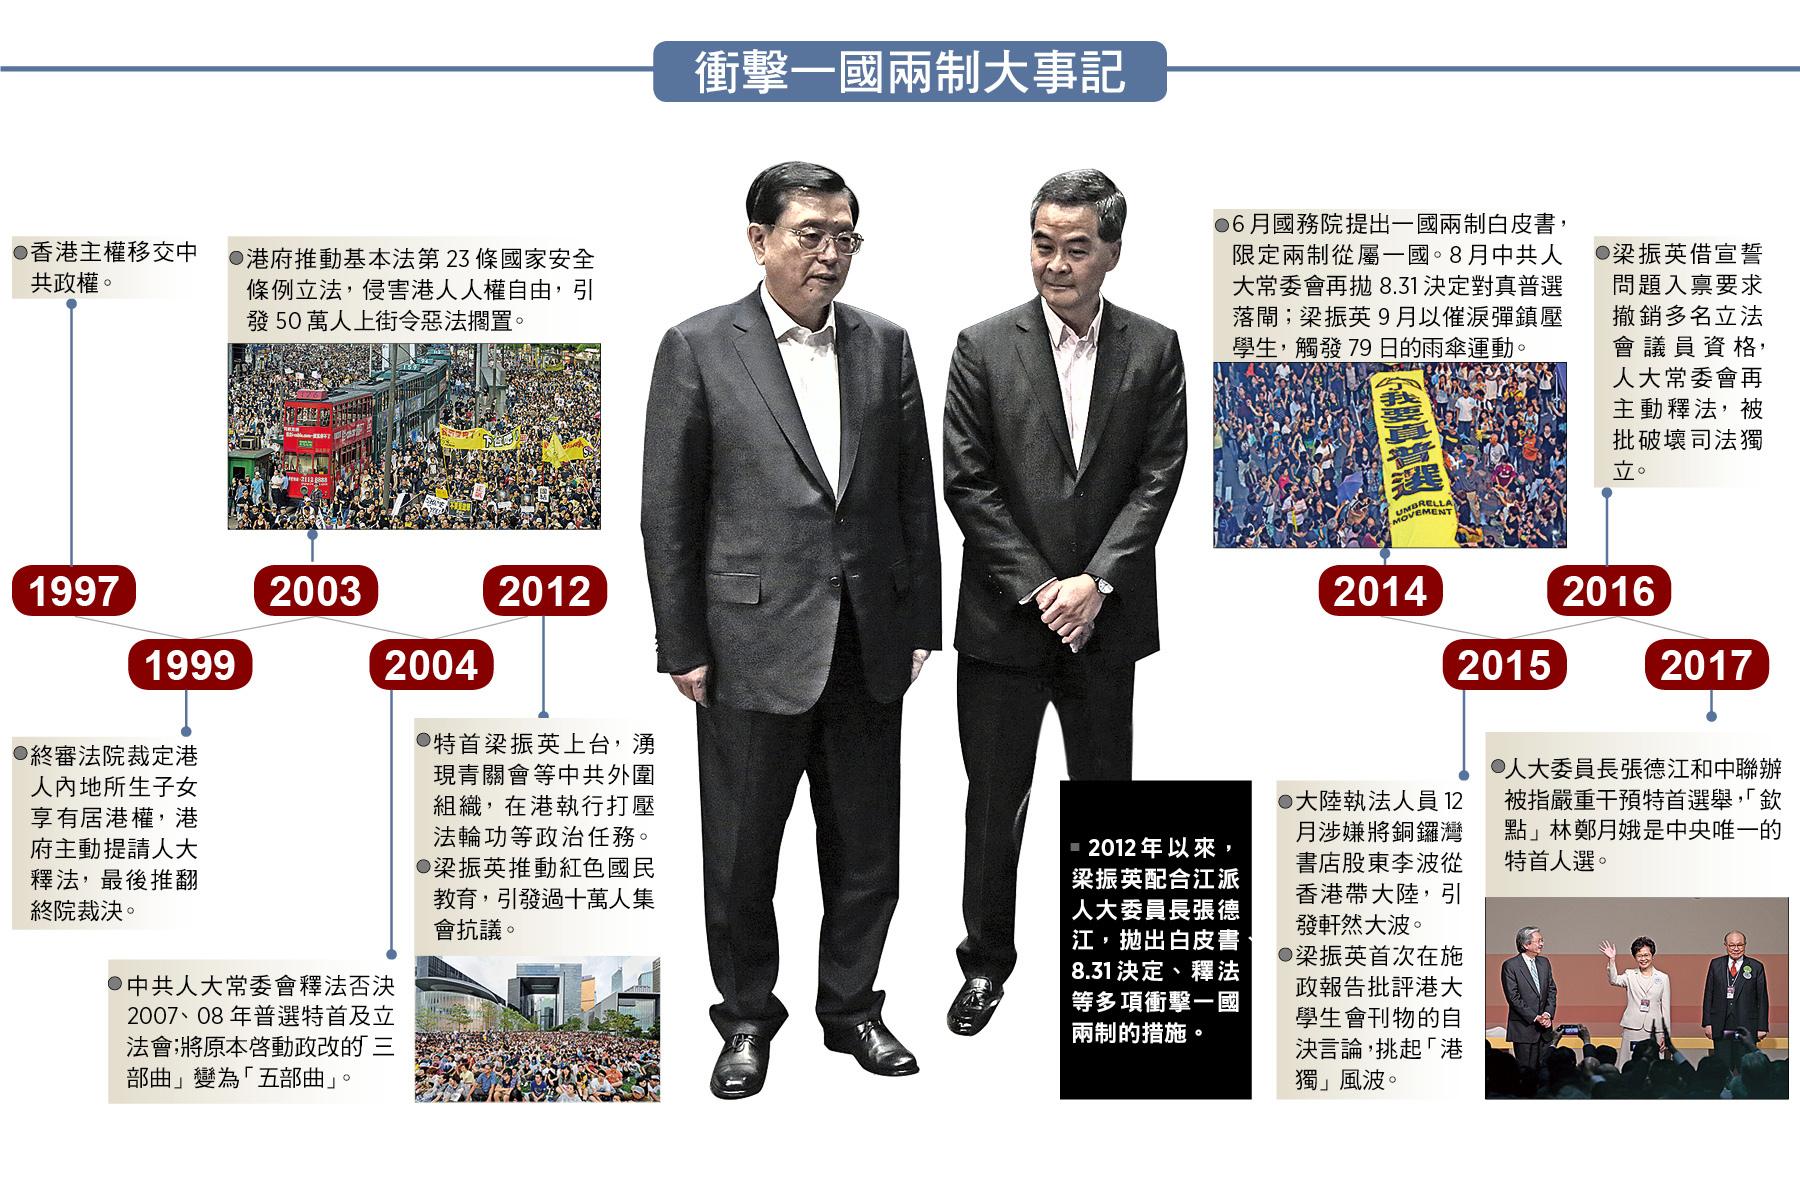 「回歸」二十年揭中共侵蝕 一國兩制走樣變形